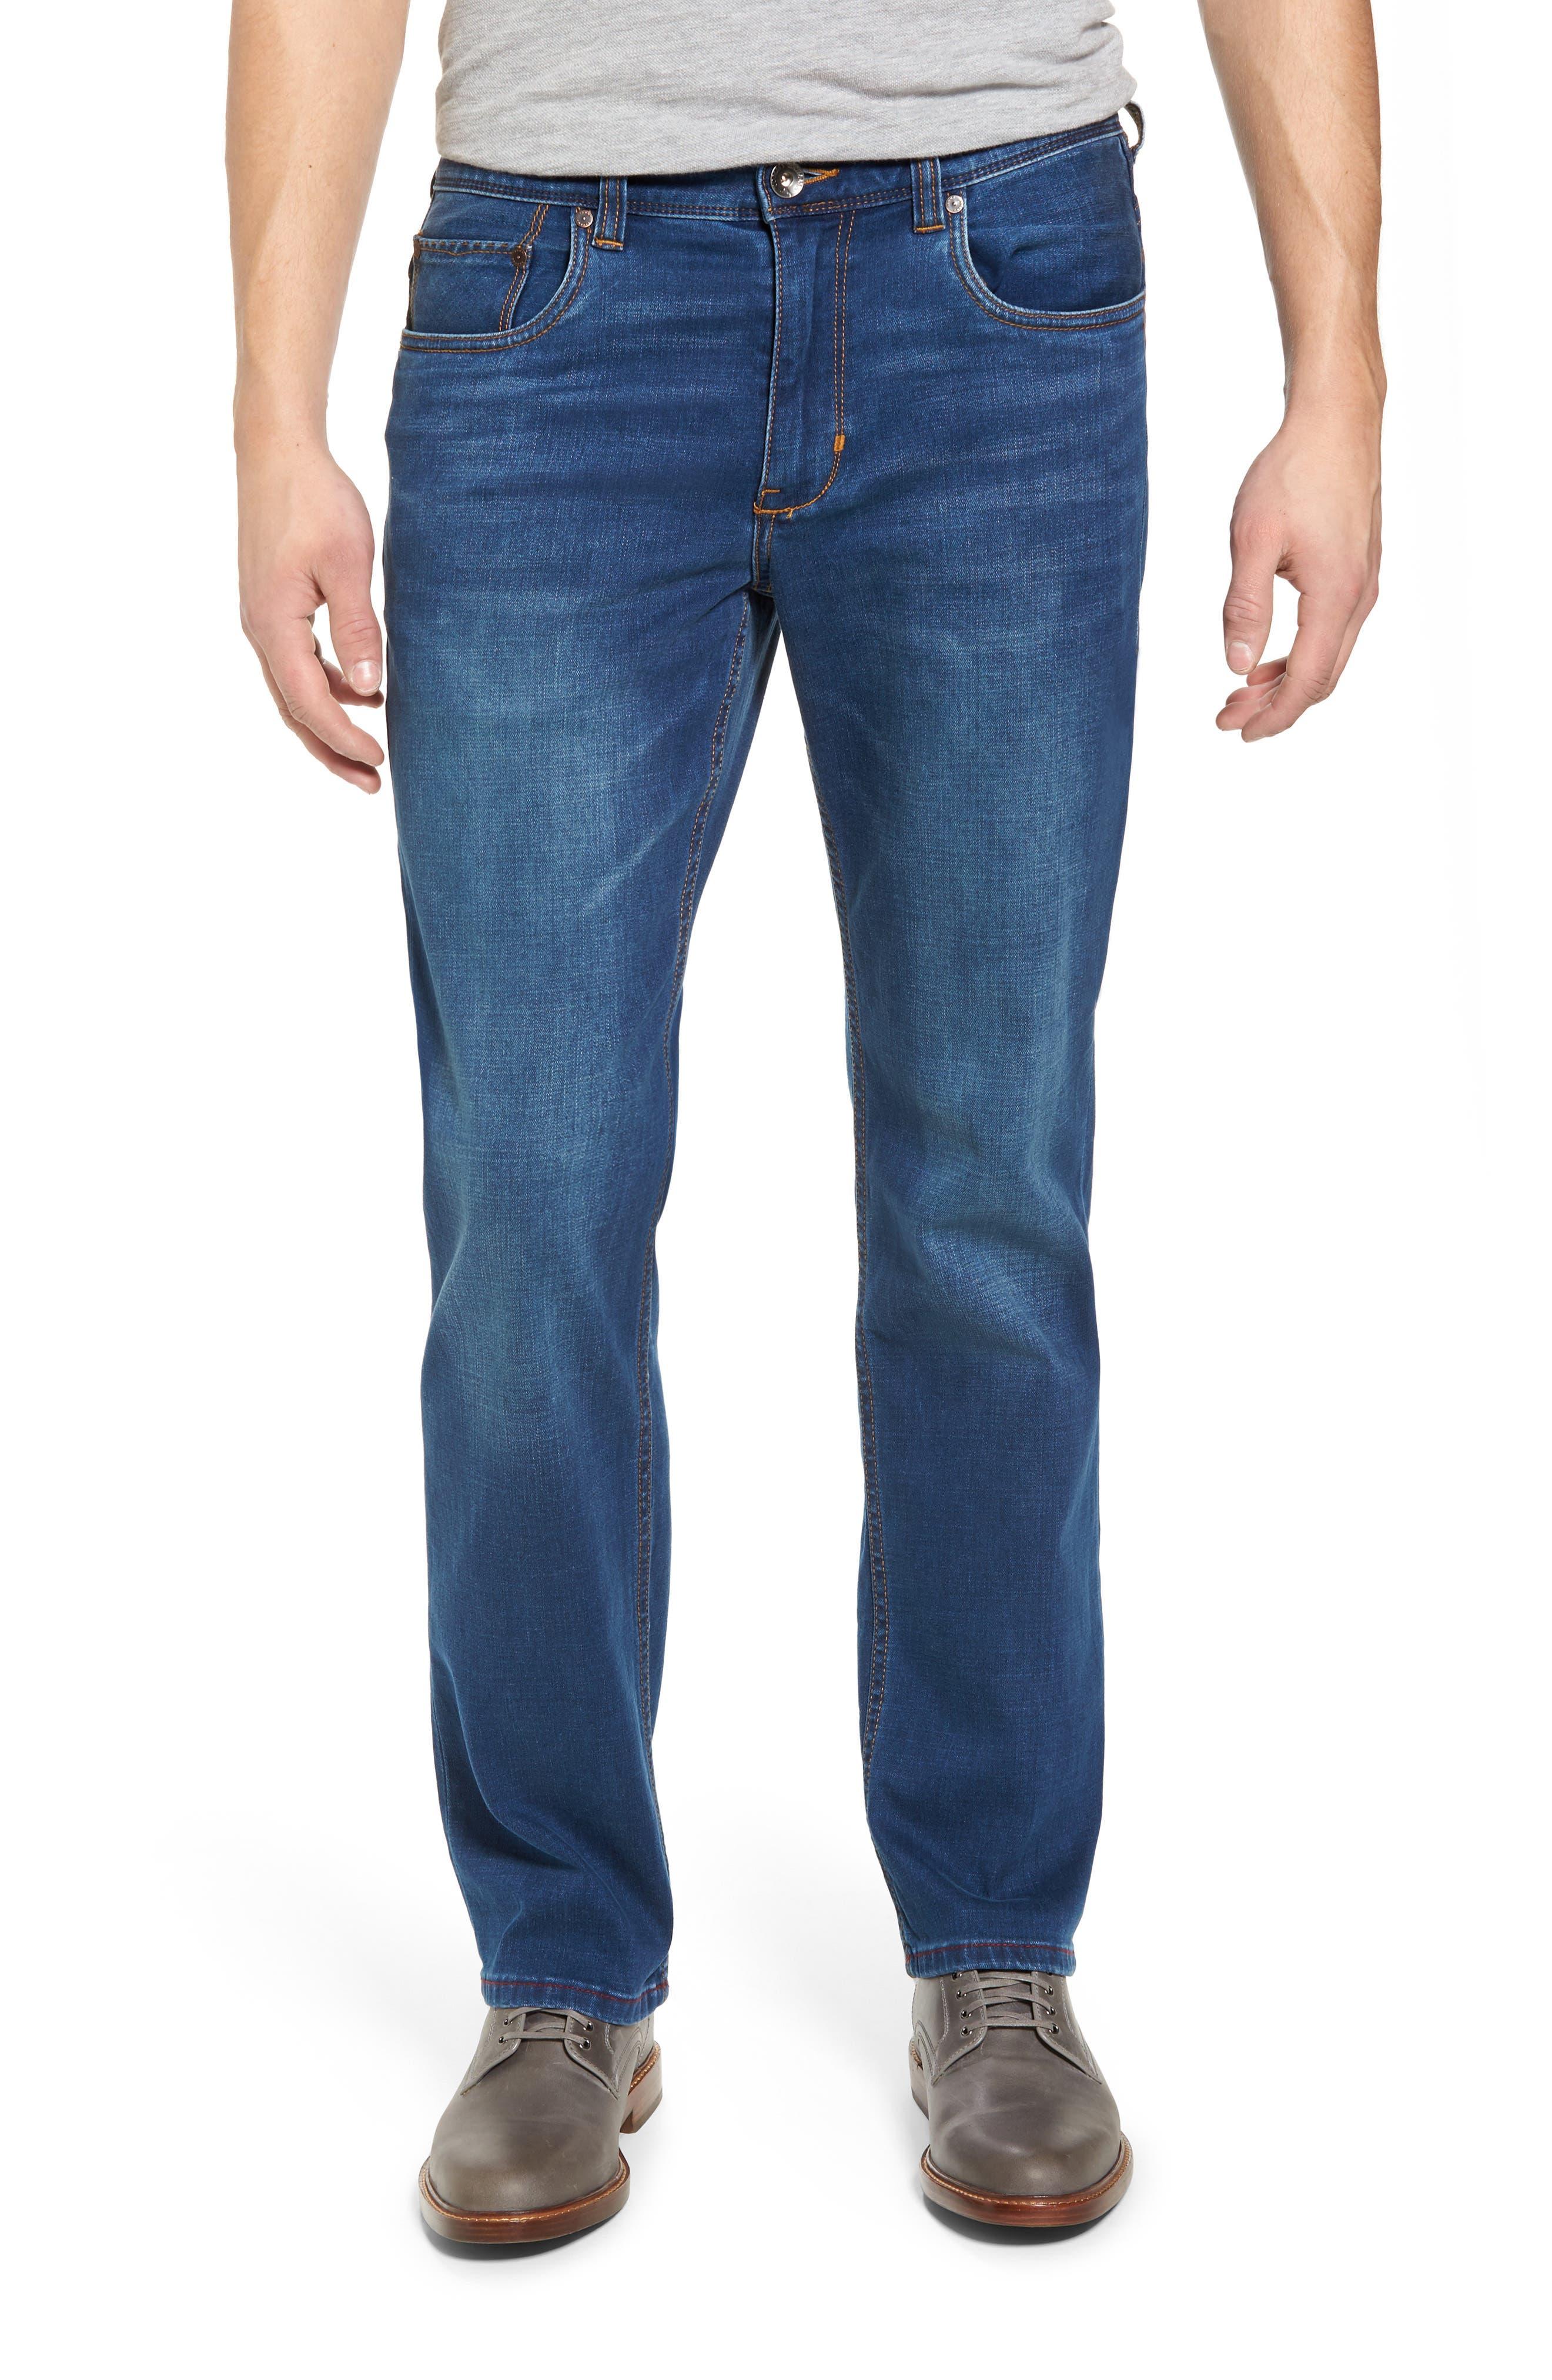 Caicos Authentic Fit Jeans,                         Main,                         color,